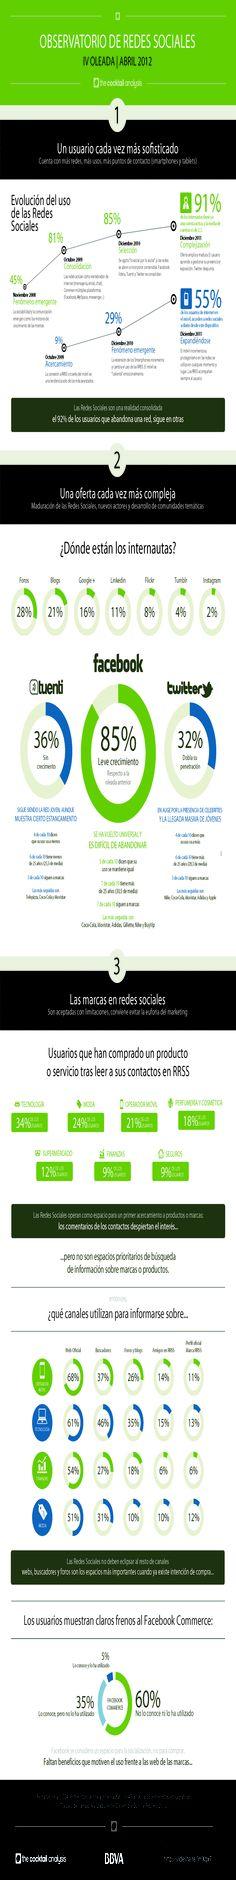 Evolución de los usuarios españoles en las redes sociales.